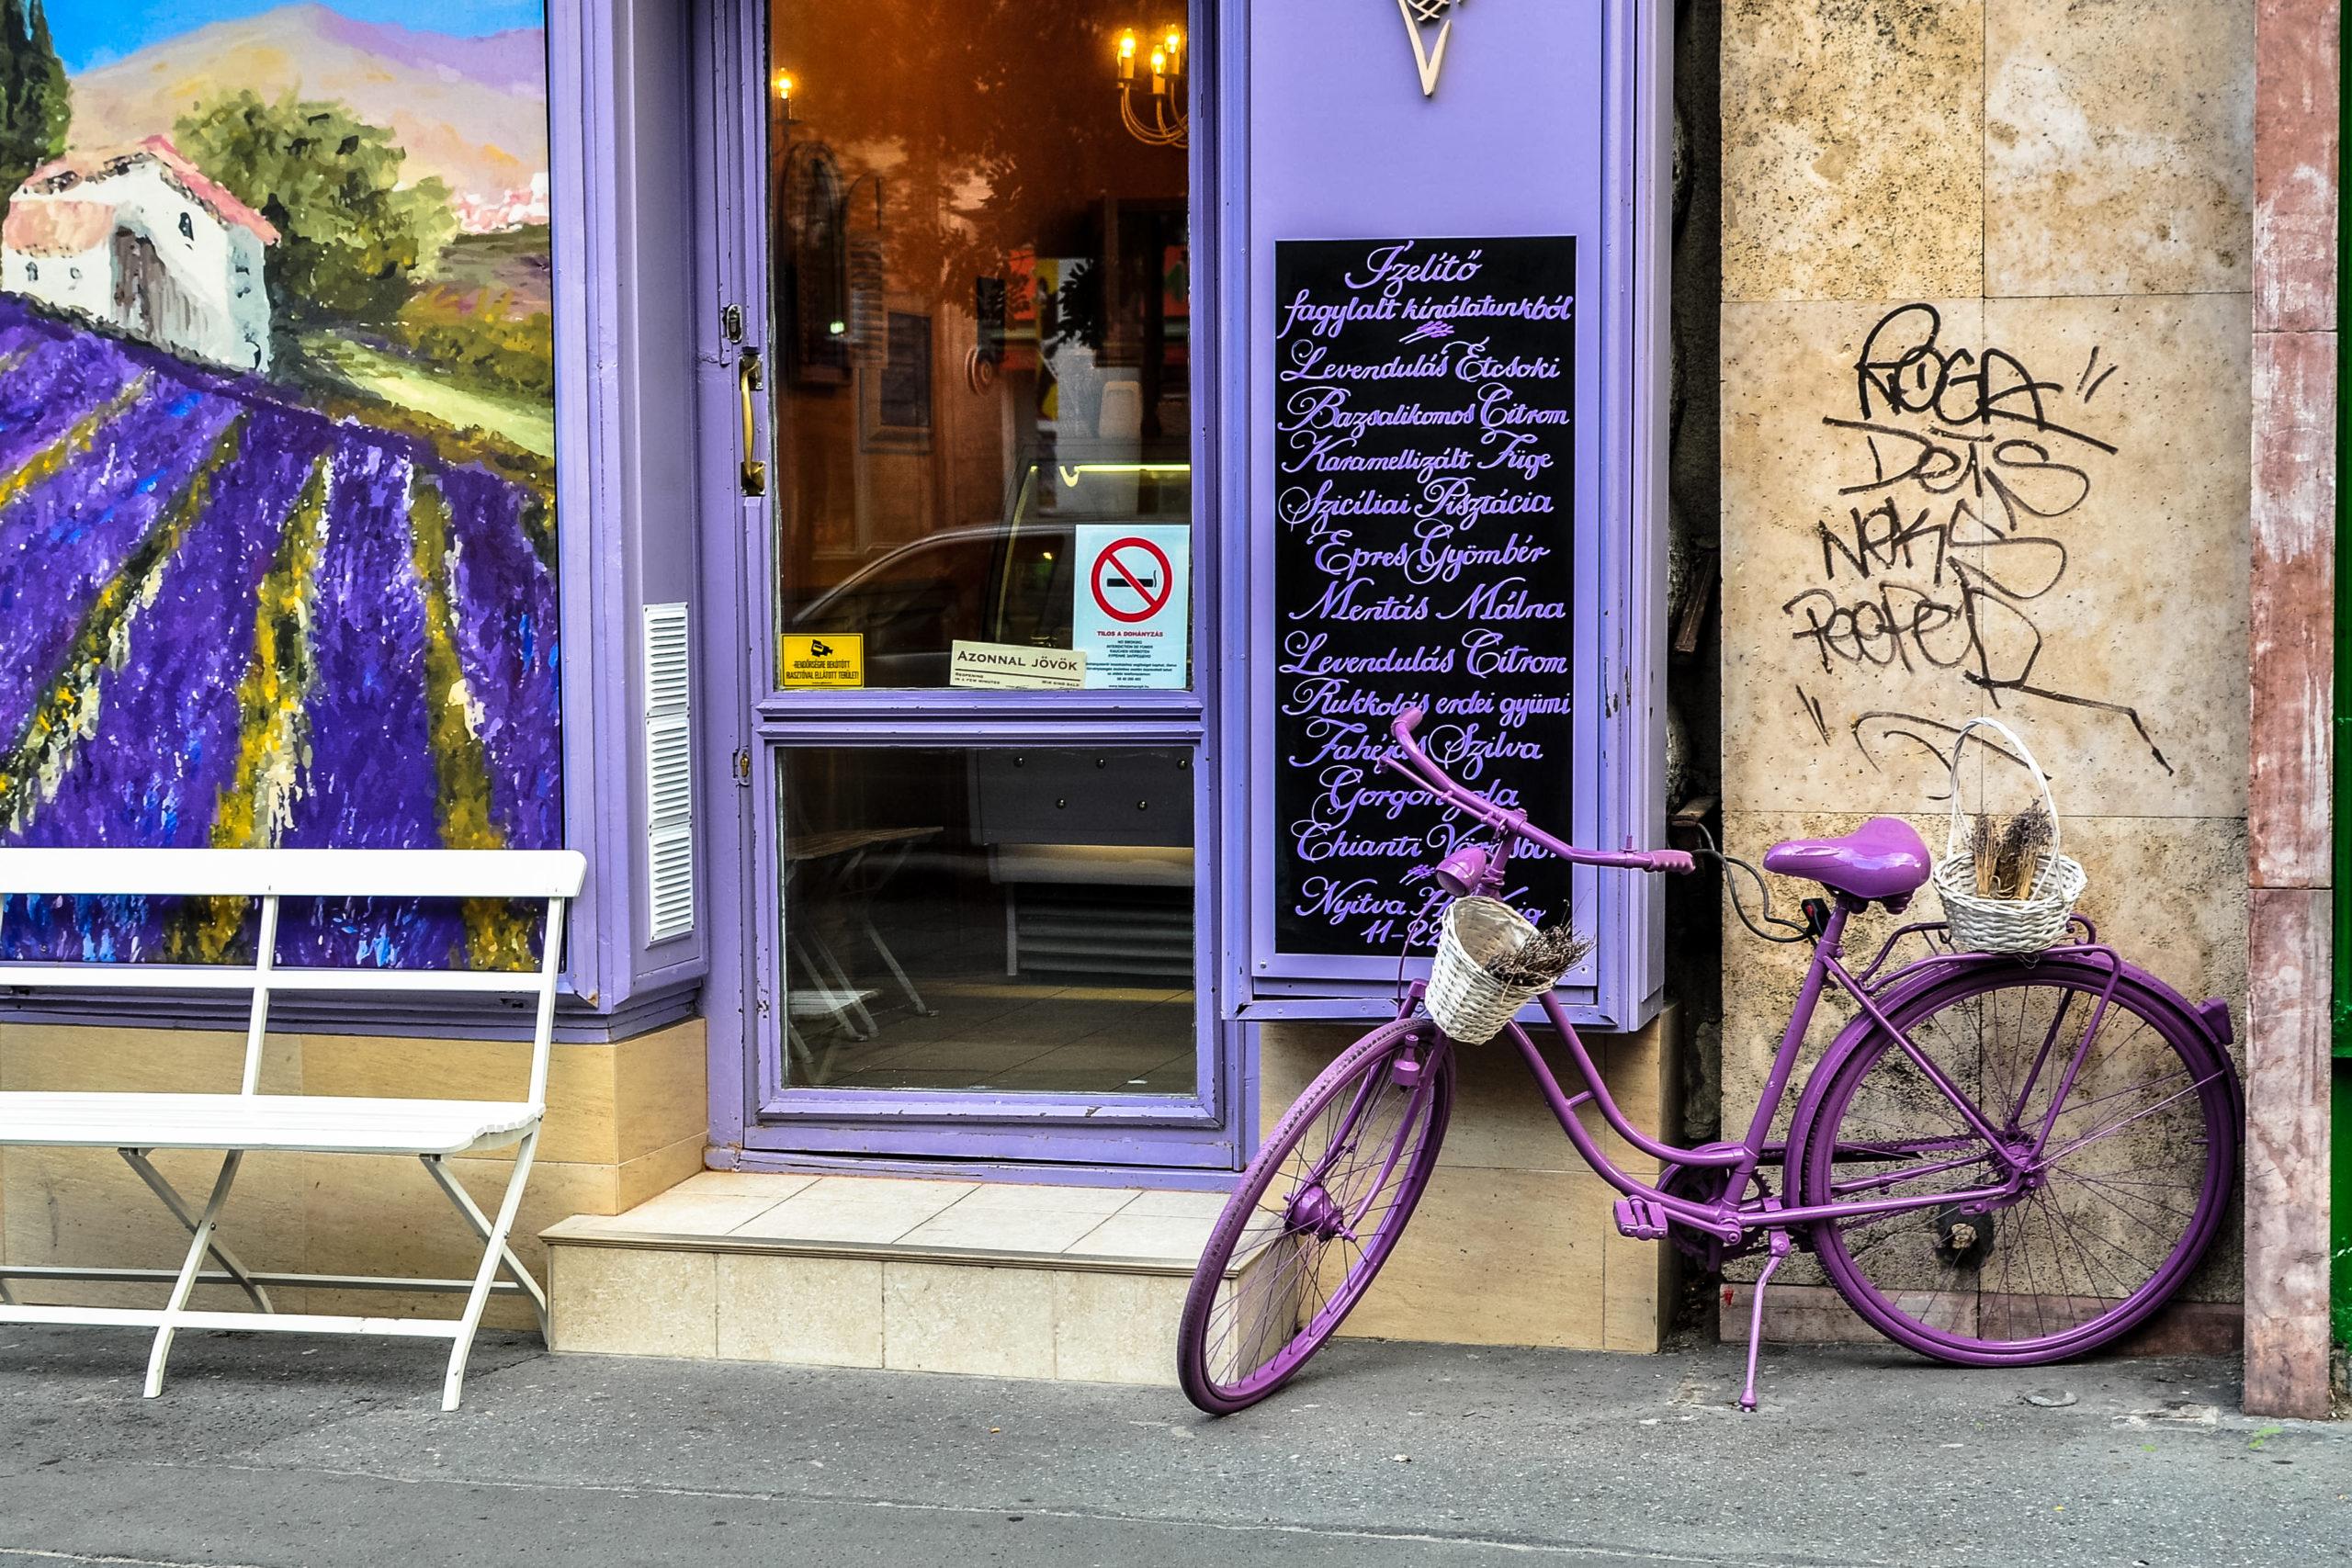 Road bicycle - Street